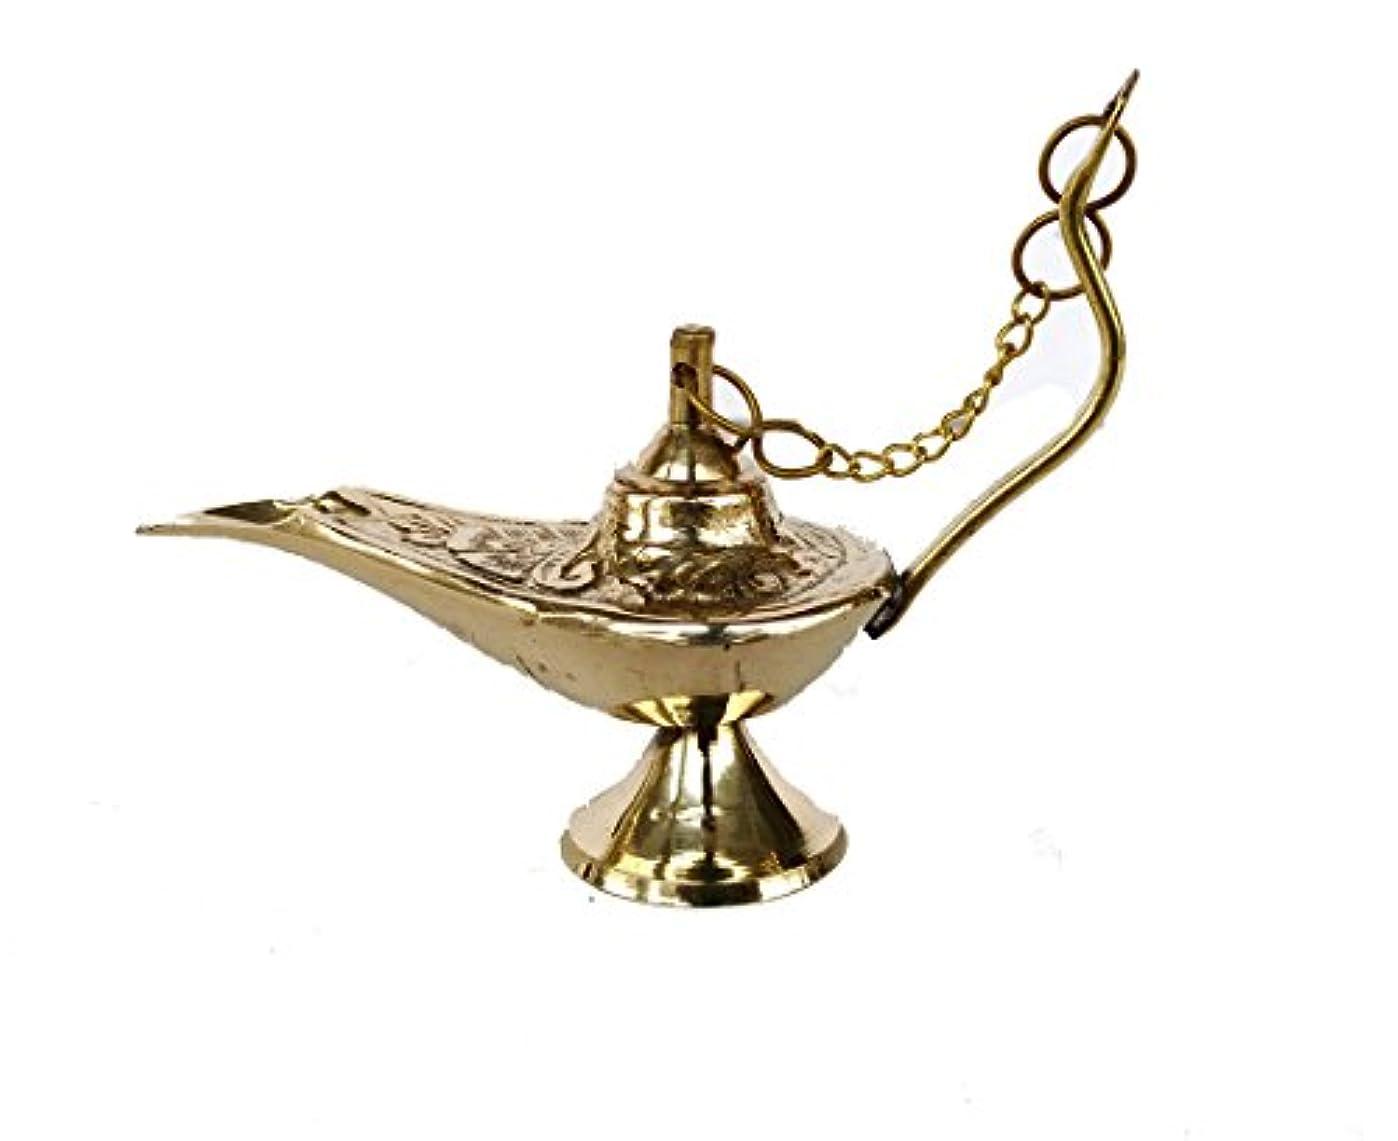 滅多頼むデマンドRastogi Handicrafts真鍮Aladdin Genie Lamps Incense Burners Big and Smallサイズゴールデンカラーランプ 4 x 3 inch zfzfs